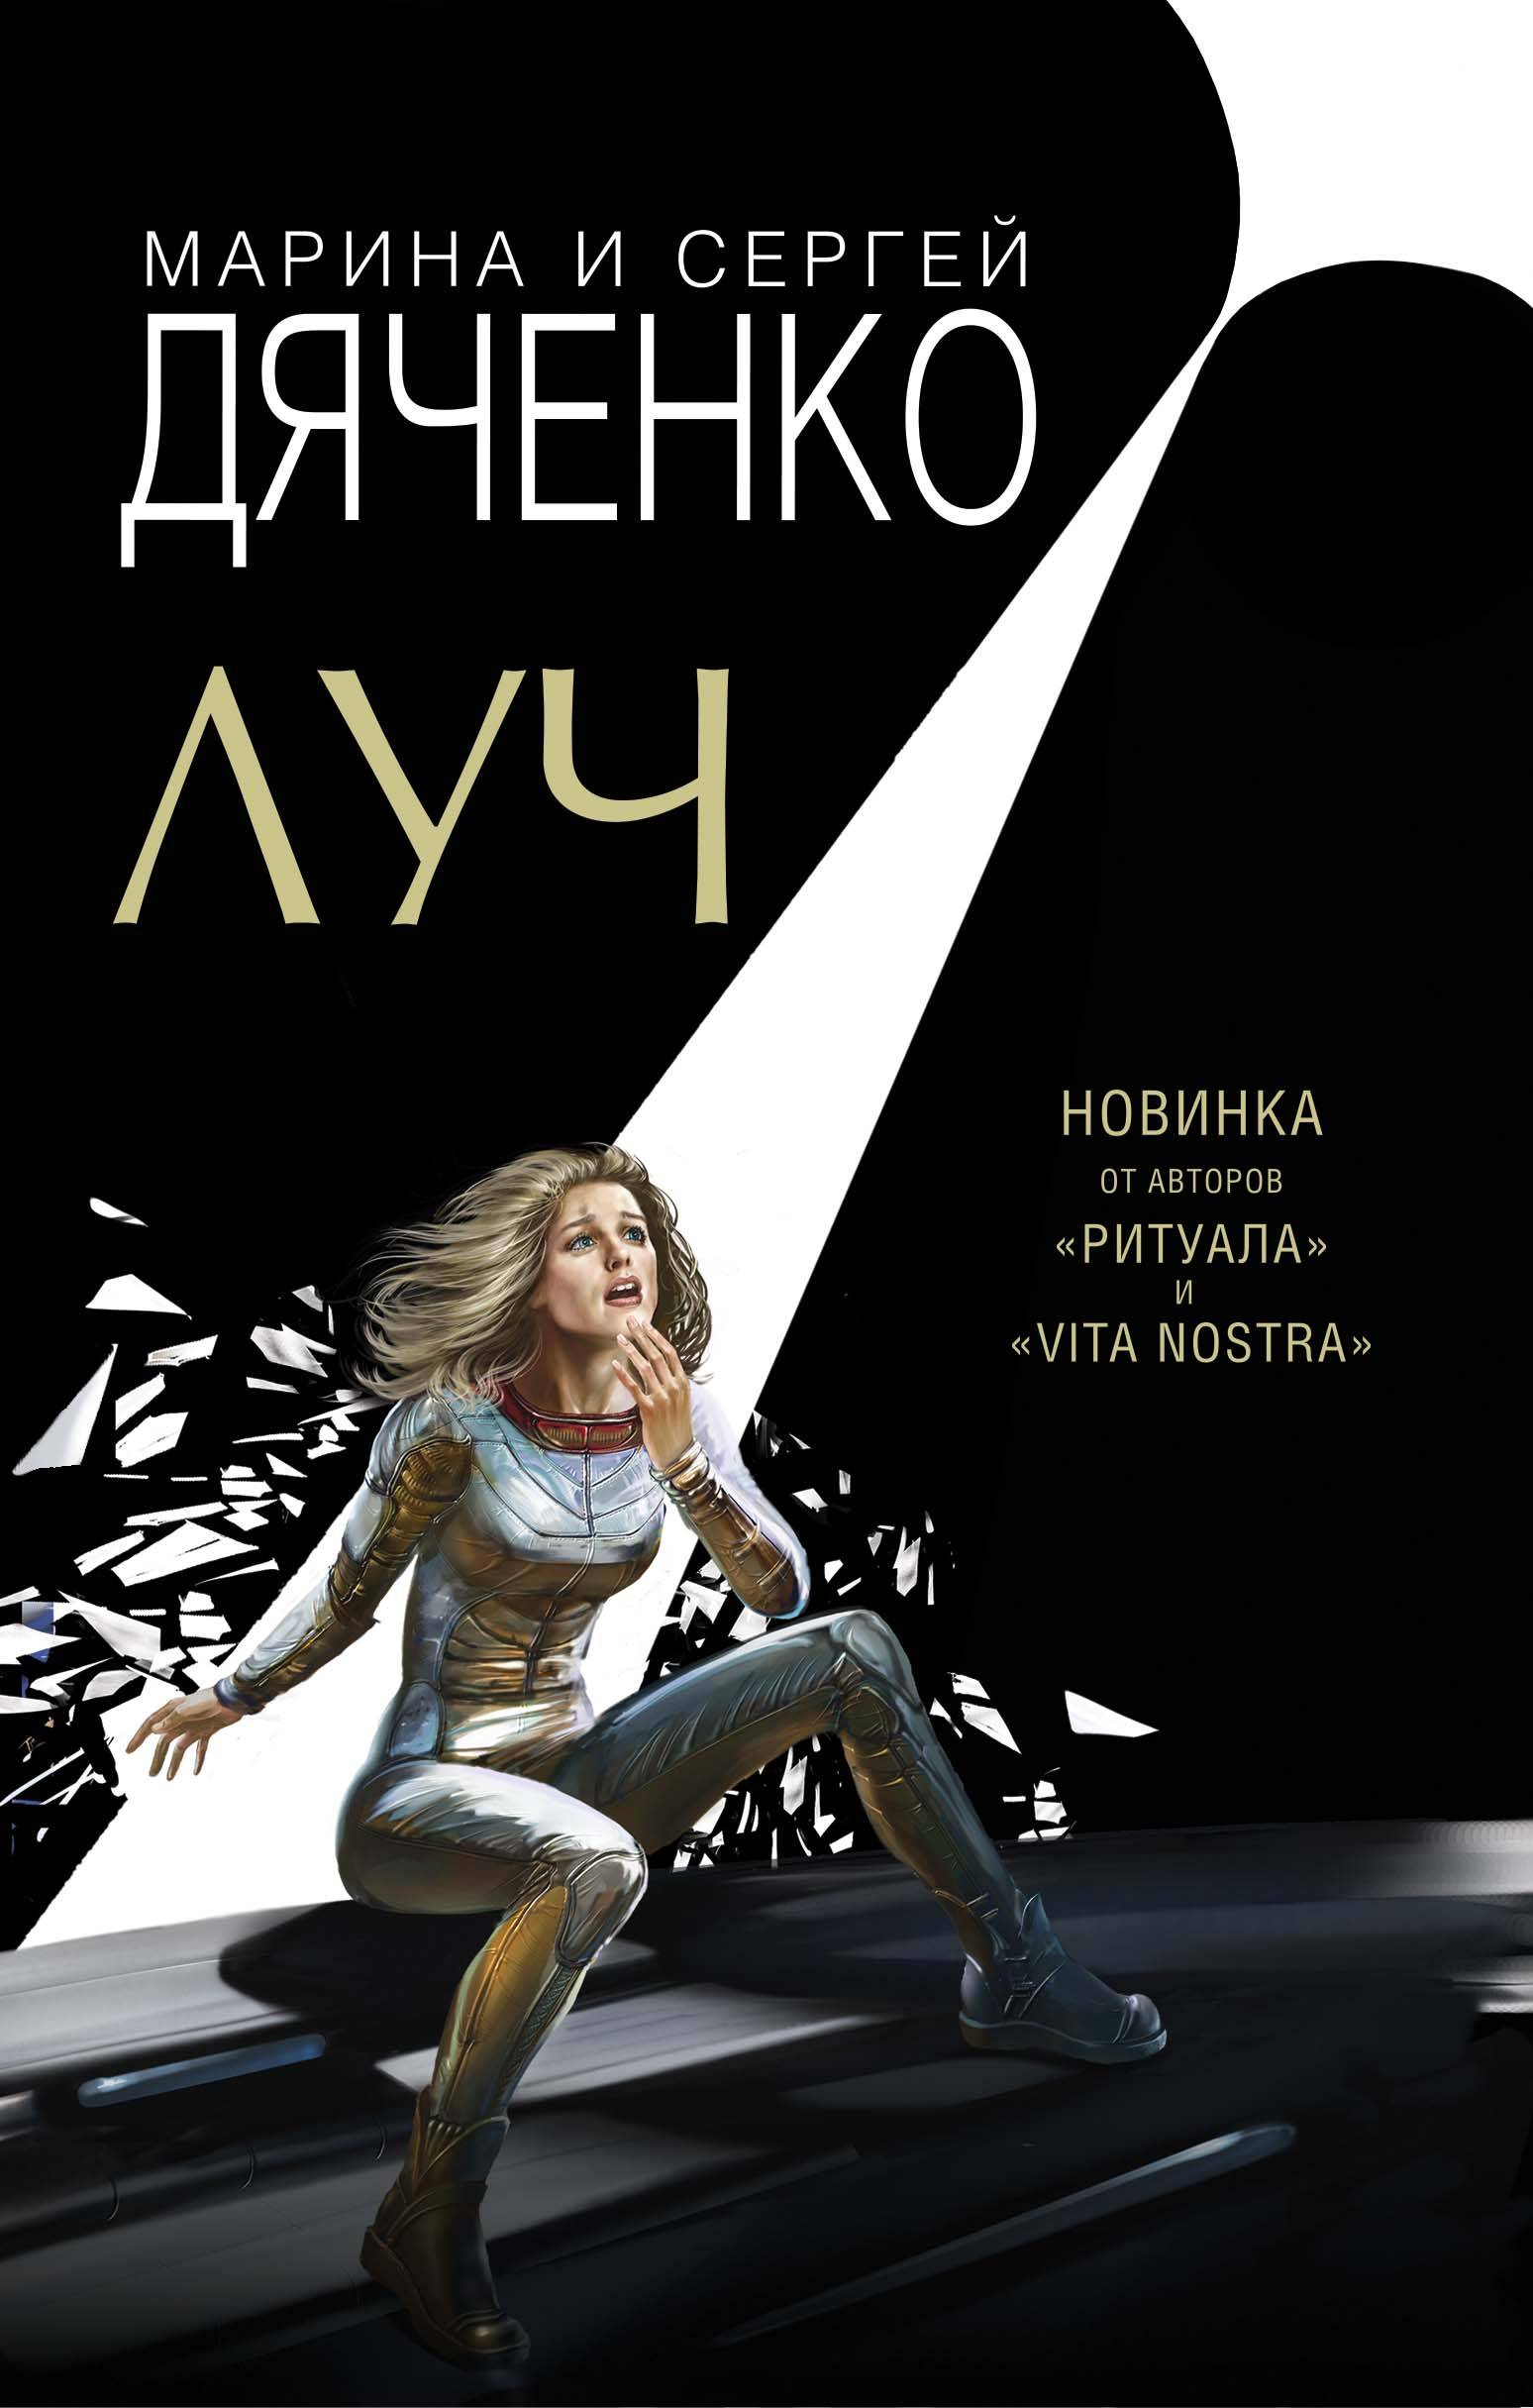 Марина и Сергей Дяченко Луч коровина е черный дракон фантастически увлекательный роман сказка